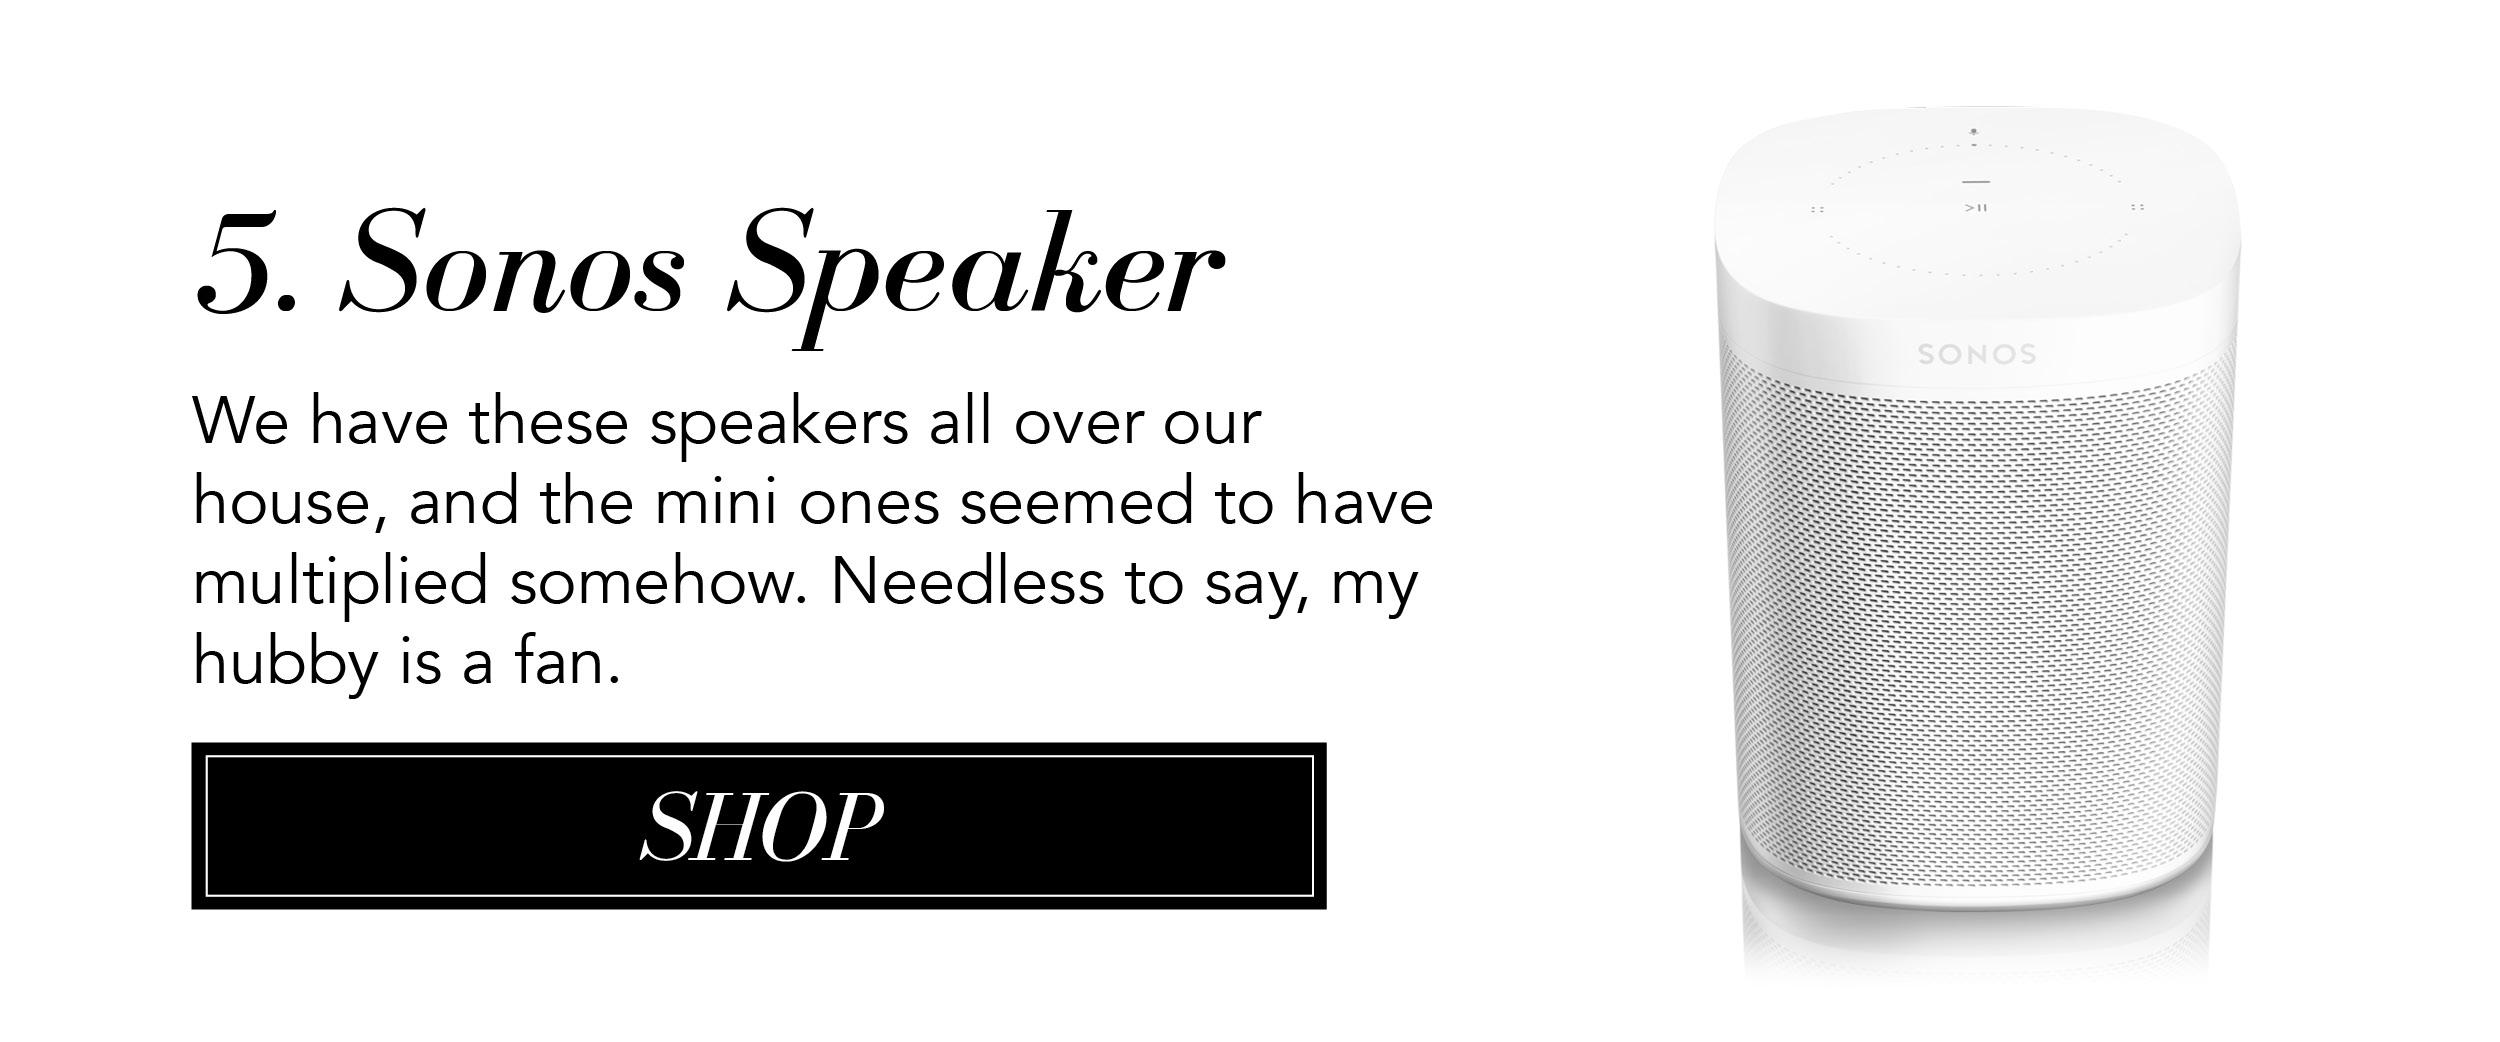 sonos-speaker-gift.jpg